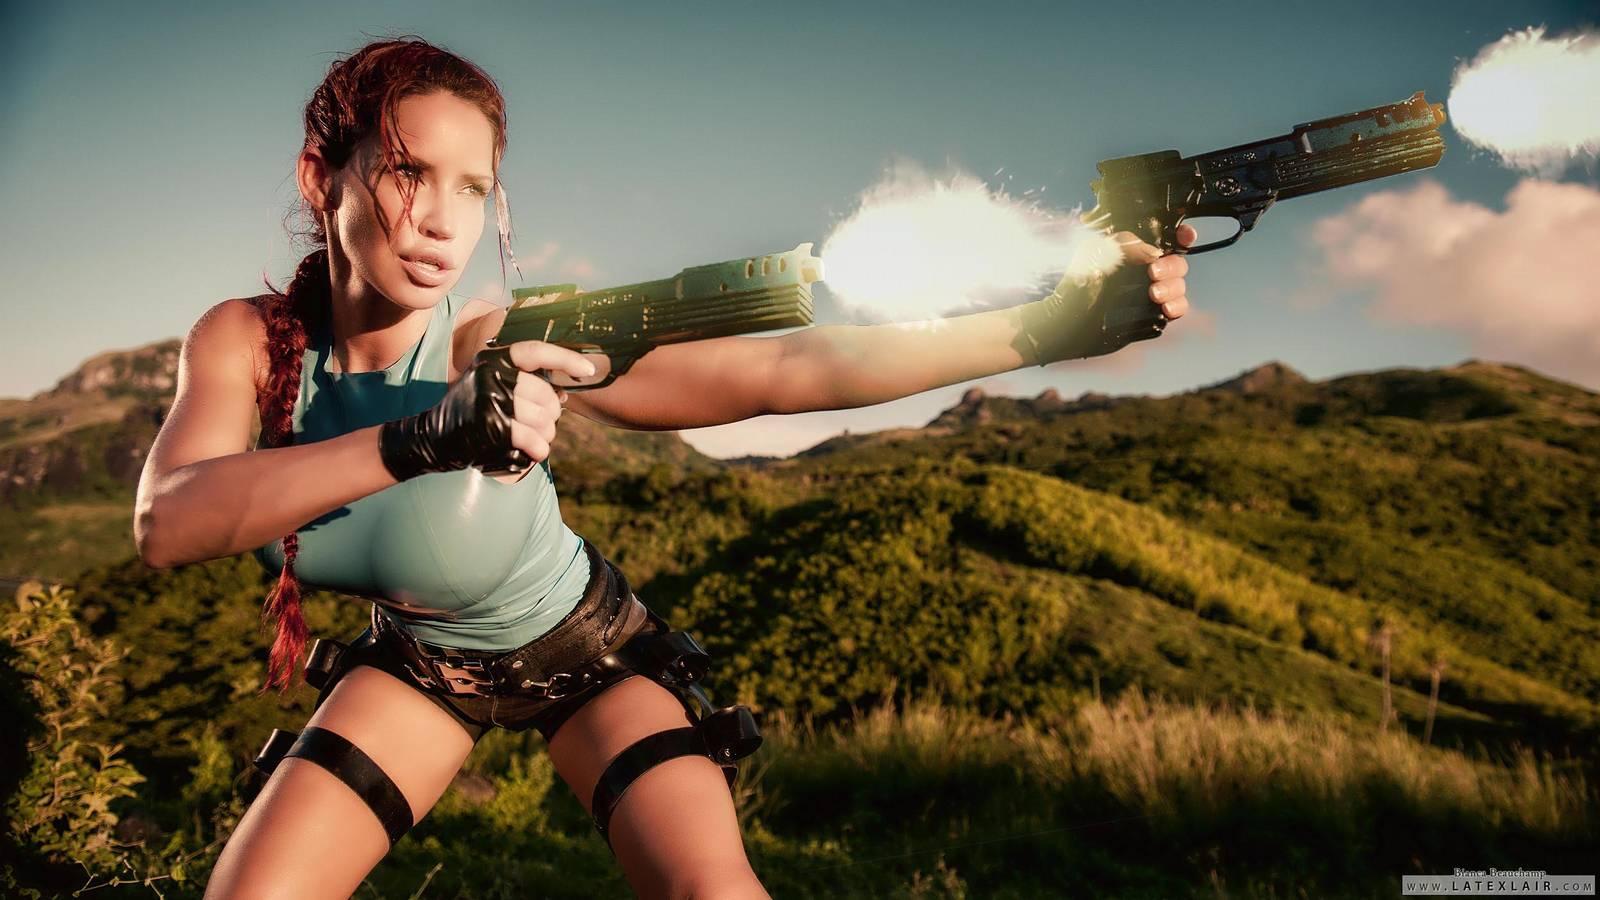 Bianca Beauchamp Tomb Raider · Bianca Beauchamp Tomb Raider ...